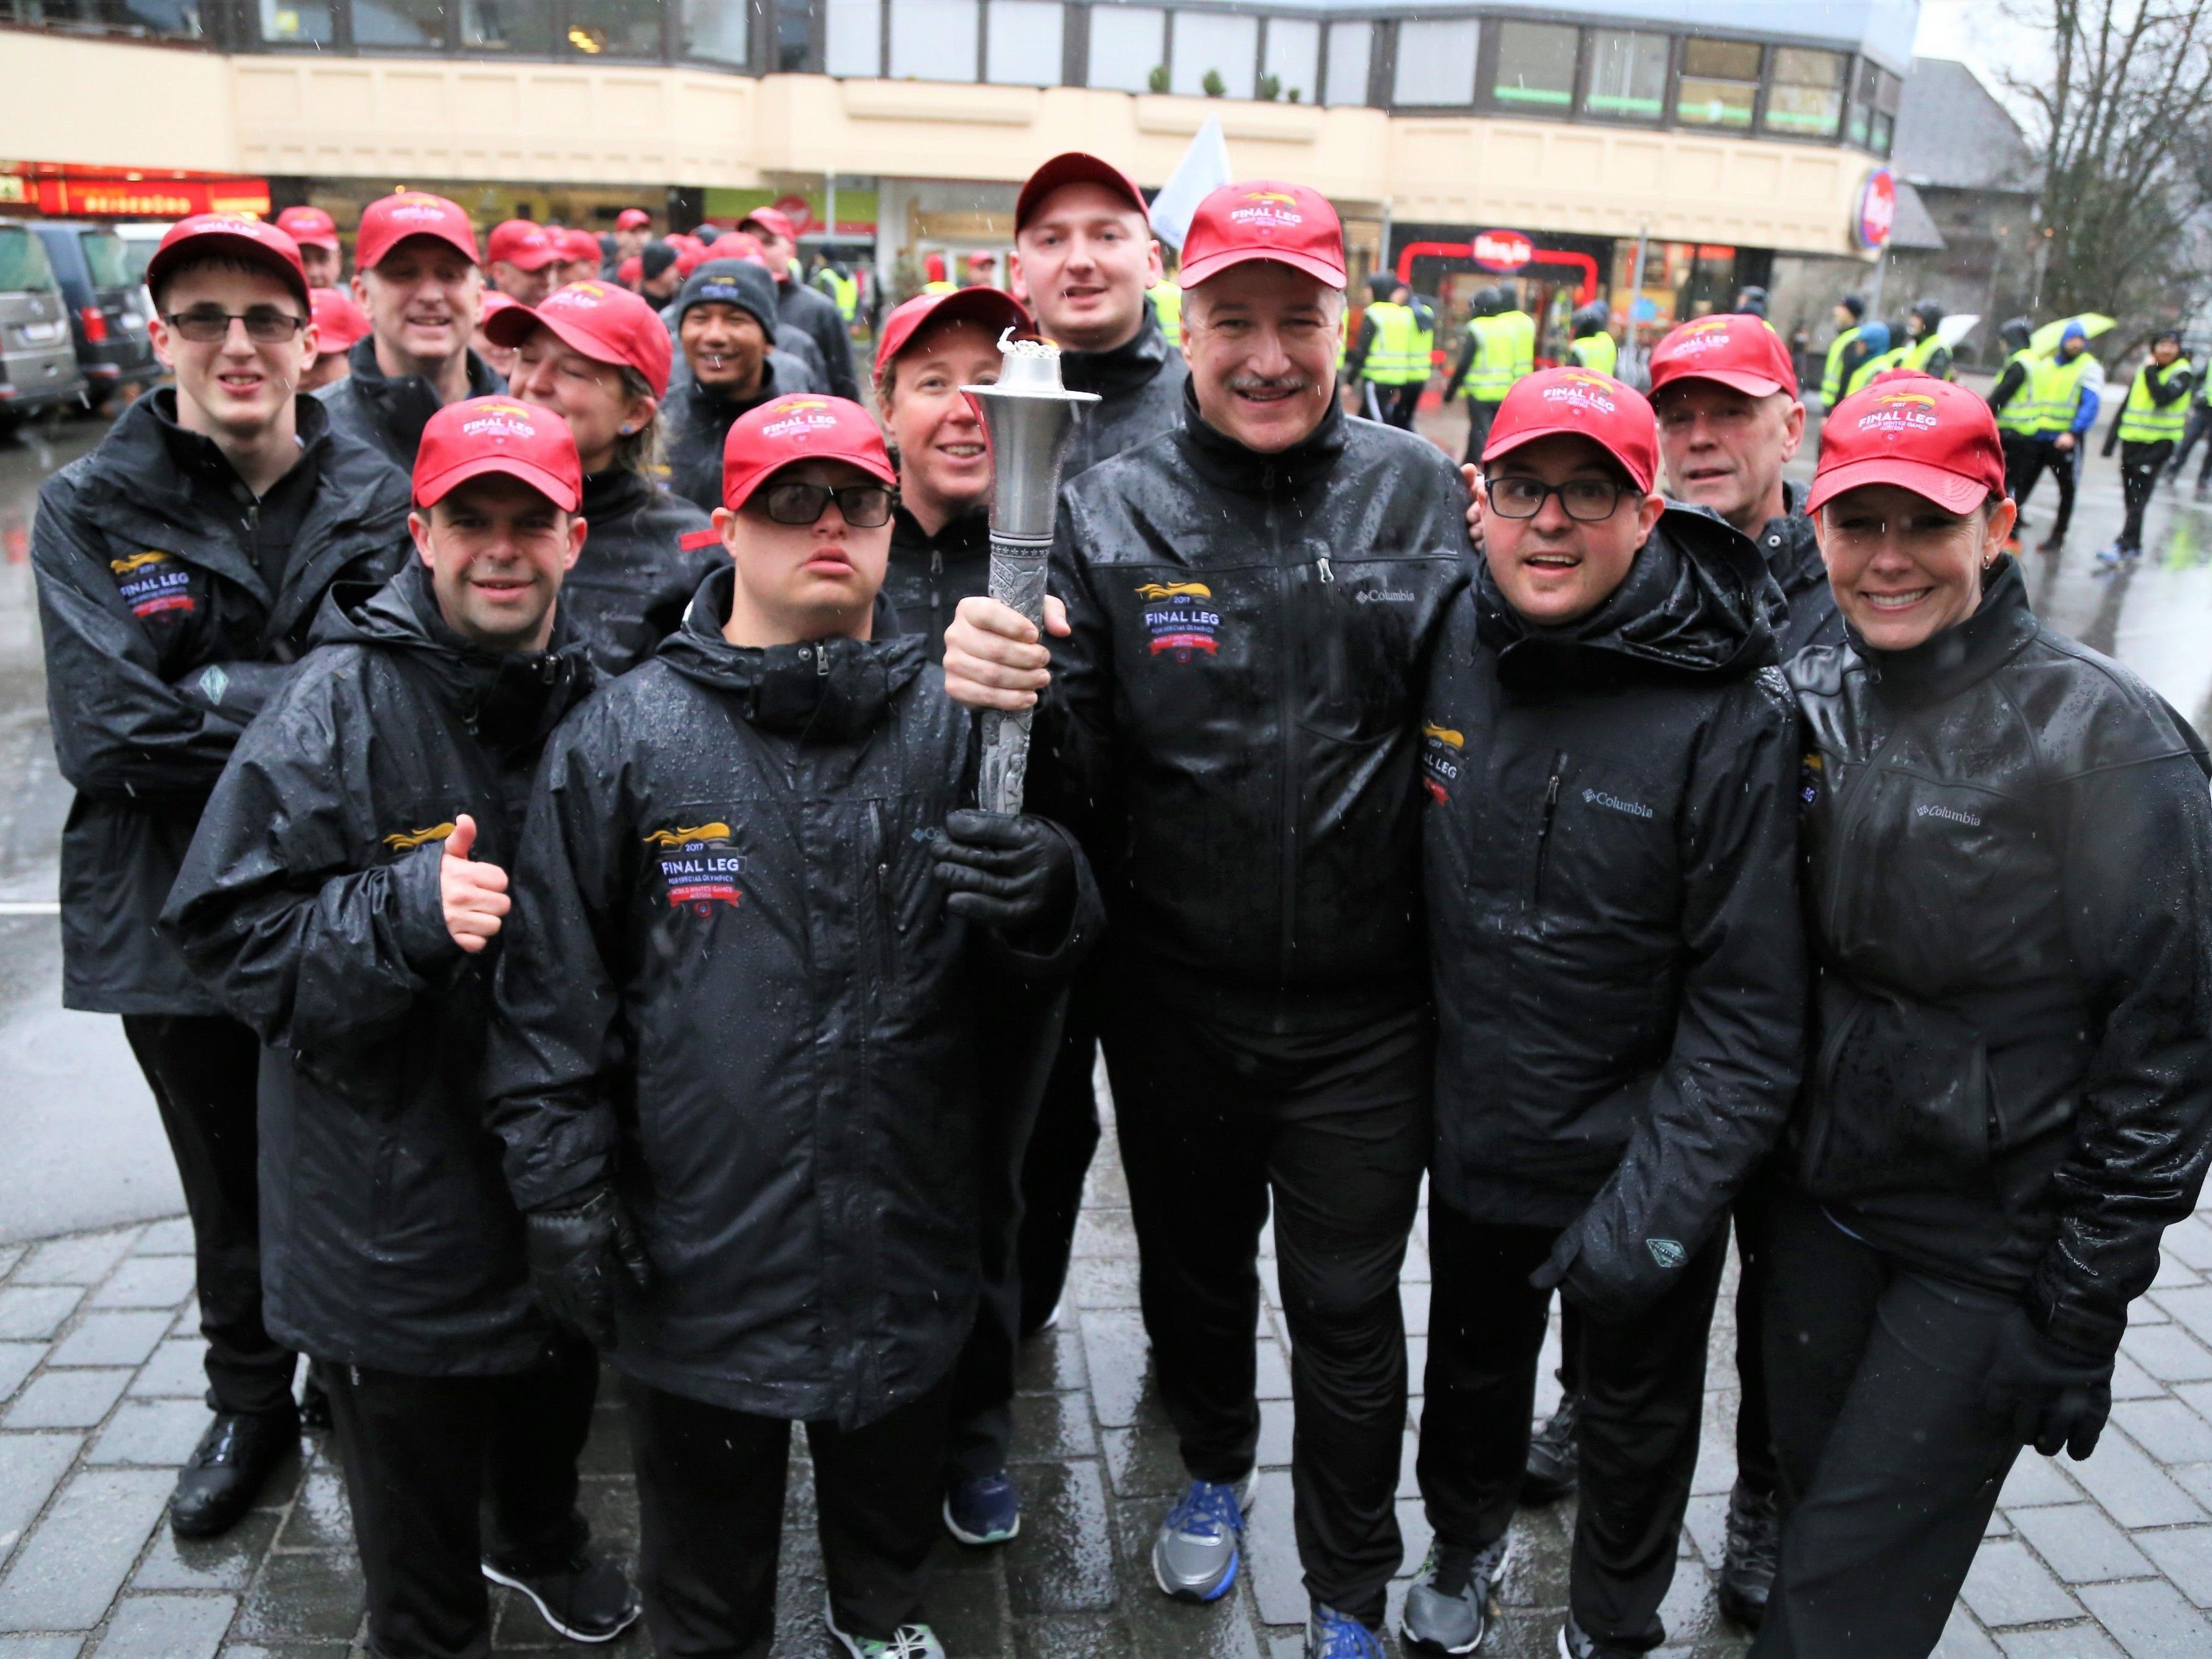 Die Flamme der Hoffnung ging auf die Reise: Fackellauf für die Special Olympics World Winter Games durch Feldkirch.